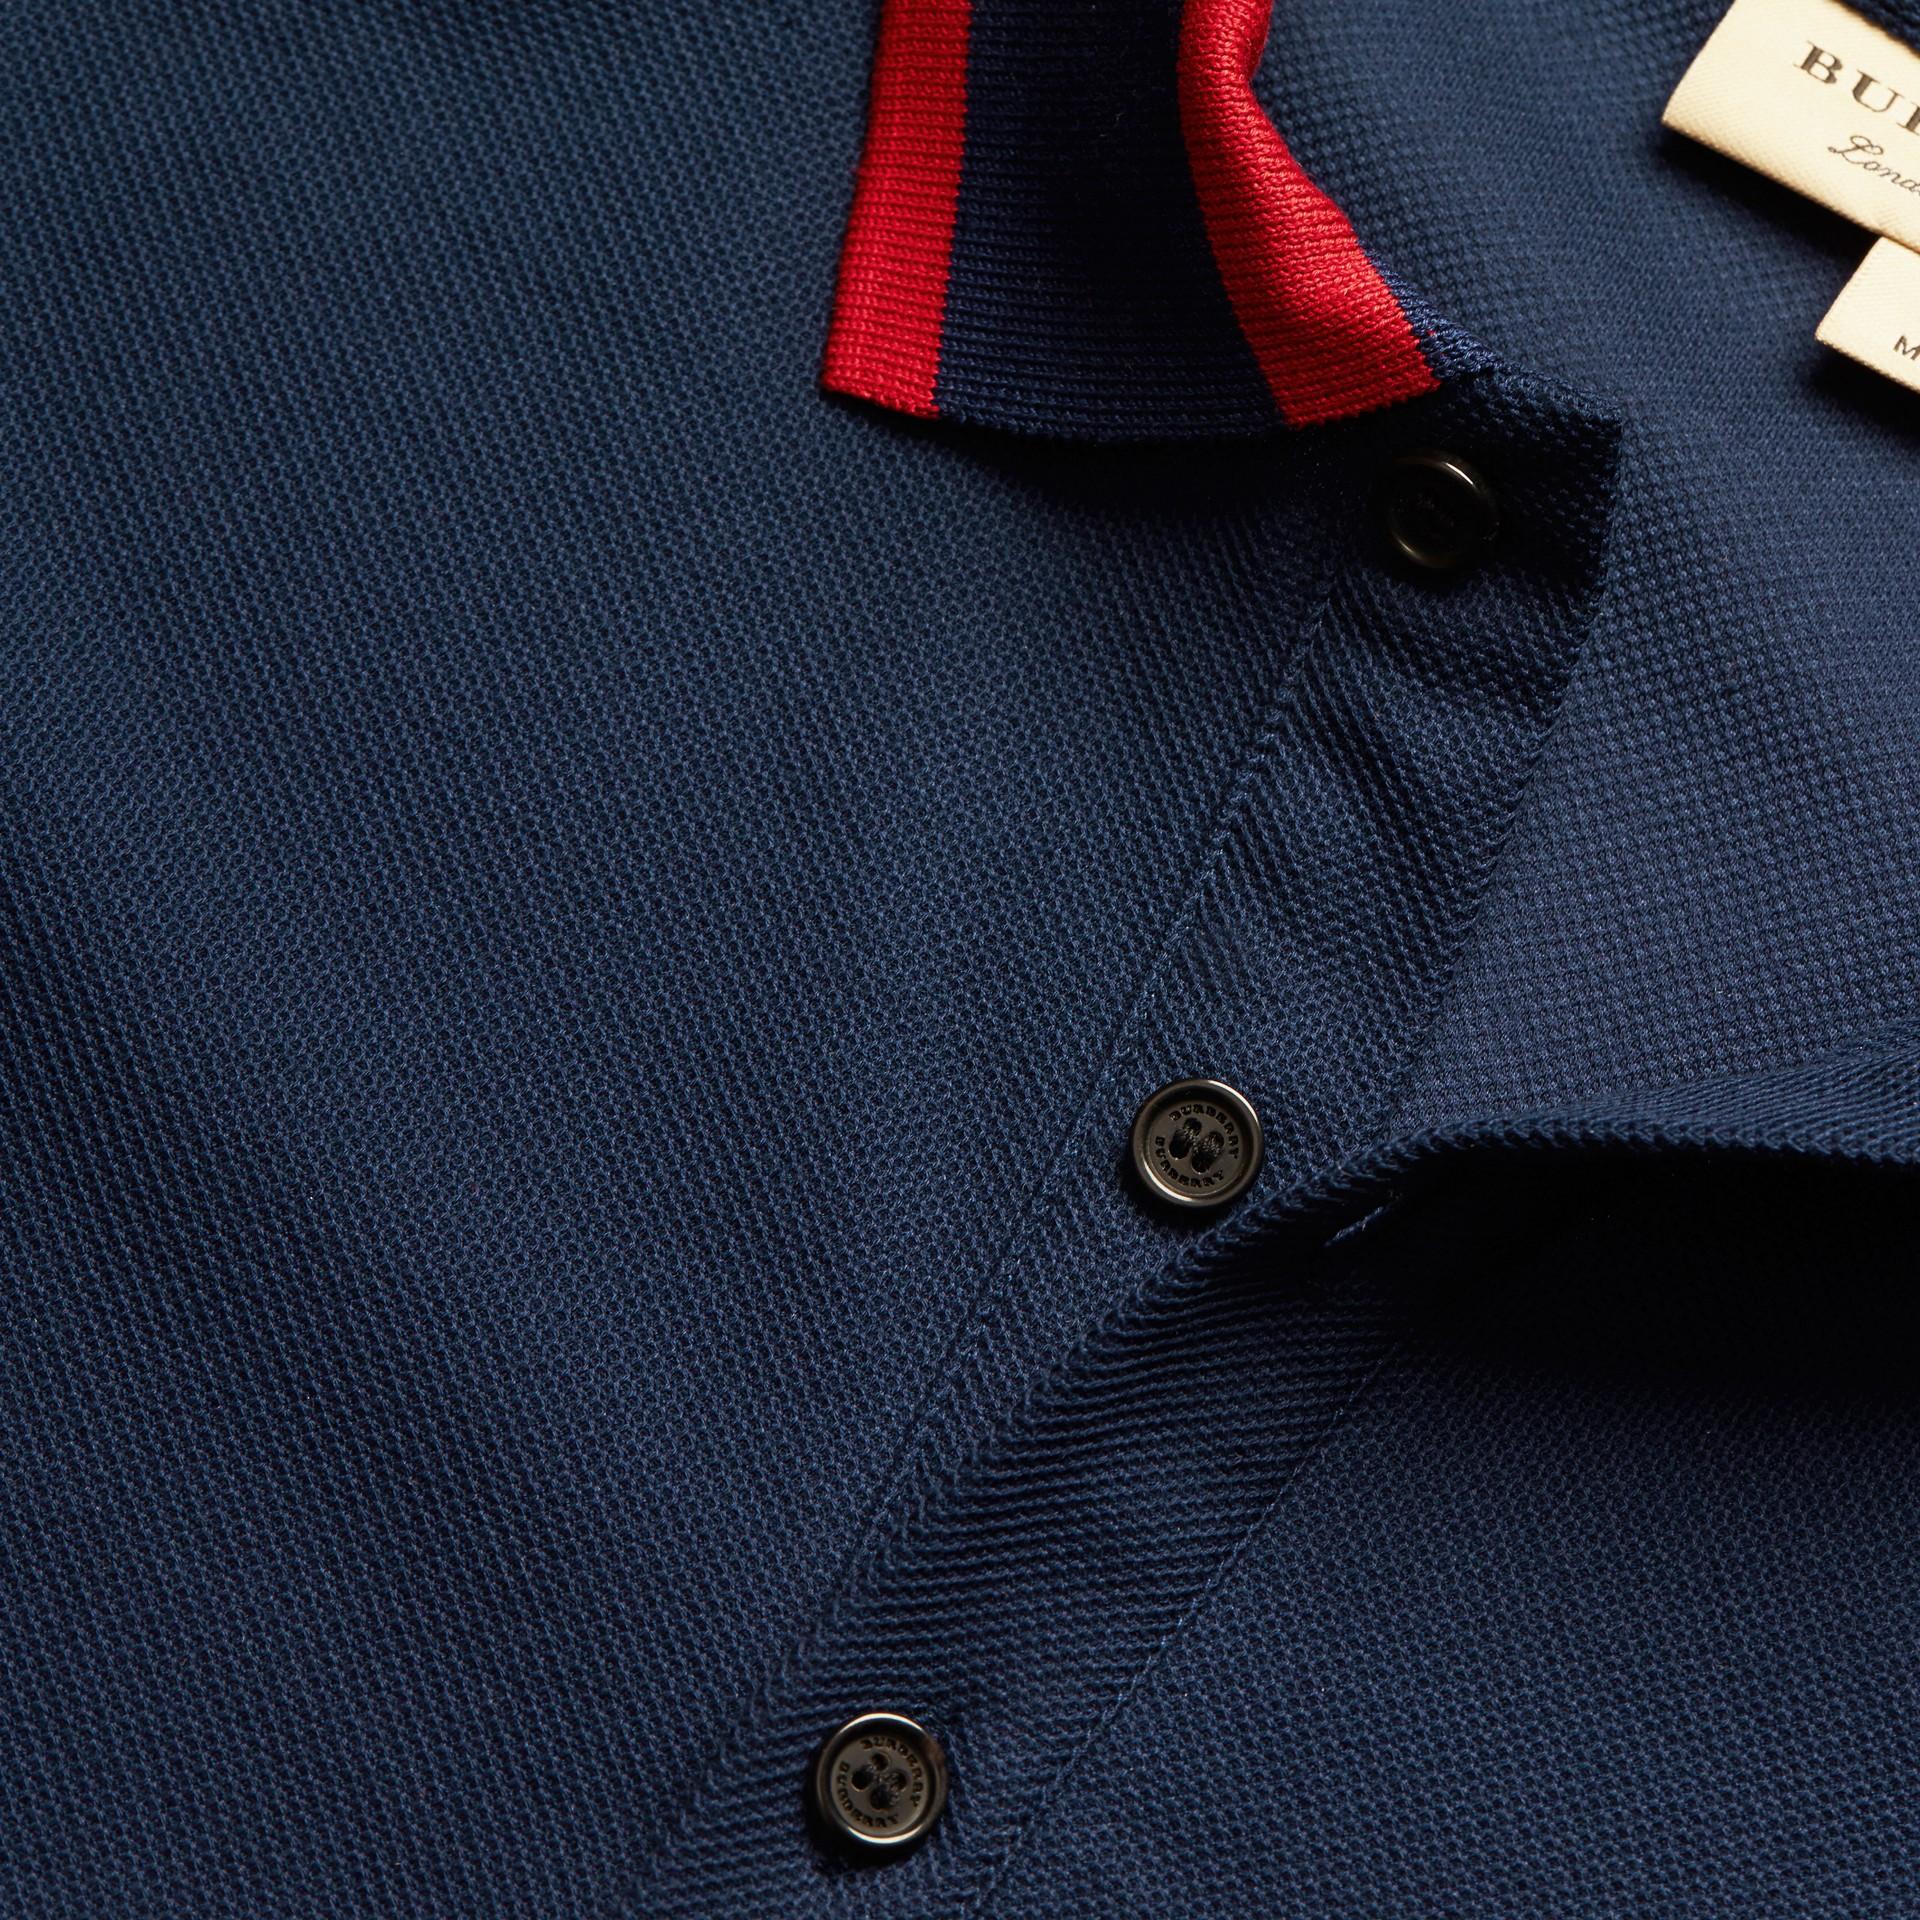 Navy blue Striped Collar Cotton Piqué Polo Shirt Navy Blue - gallery image 2